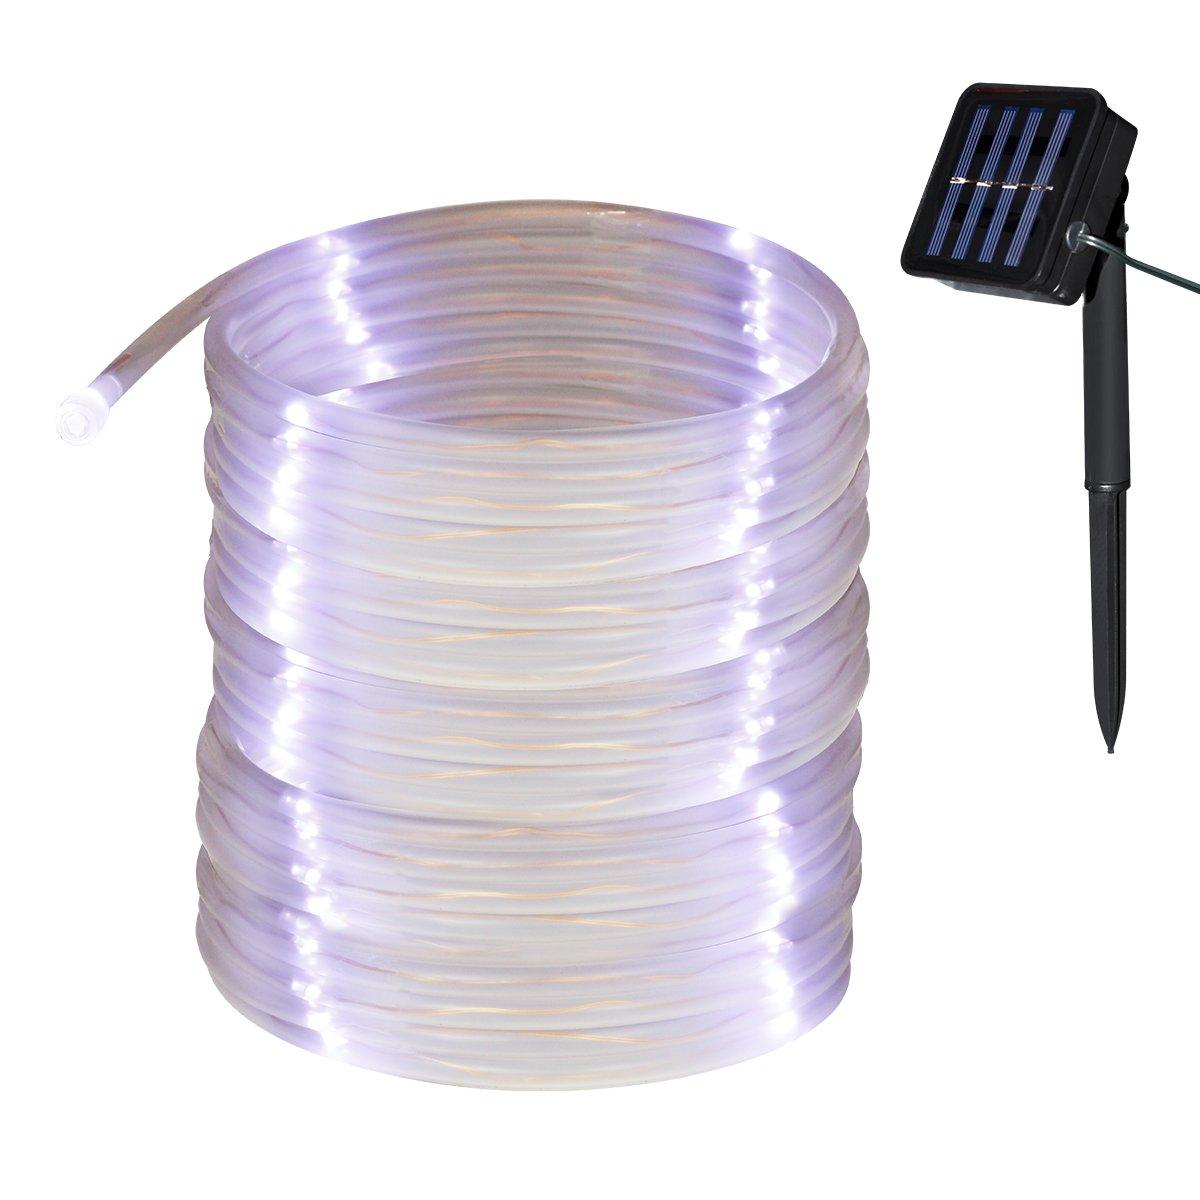 Yasolote 10M 100 LED Luci Solari Impermeabili Tubo Lampada Decorativa Illuminazione per Giardino, Patio, Terrazza, Balcone, Matrimonio, Festa, Natale (Bianco)